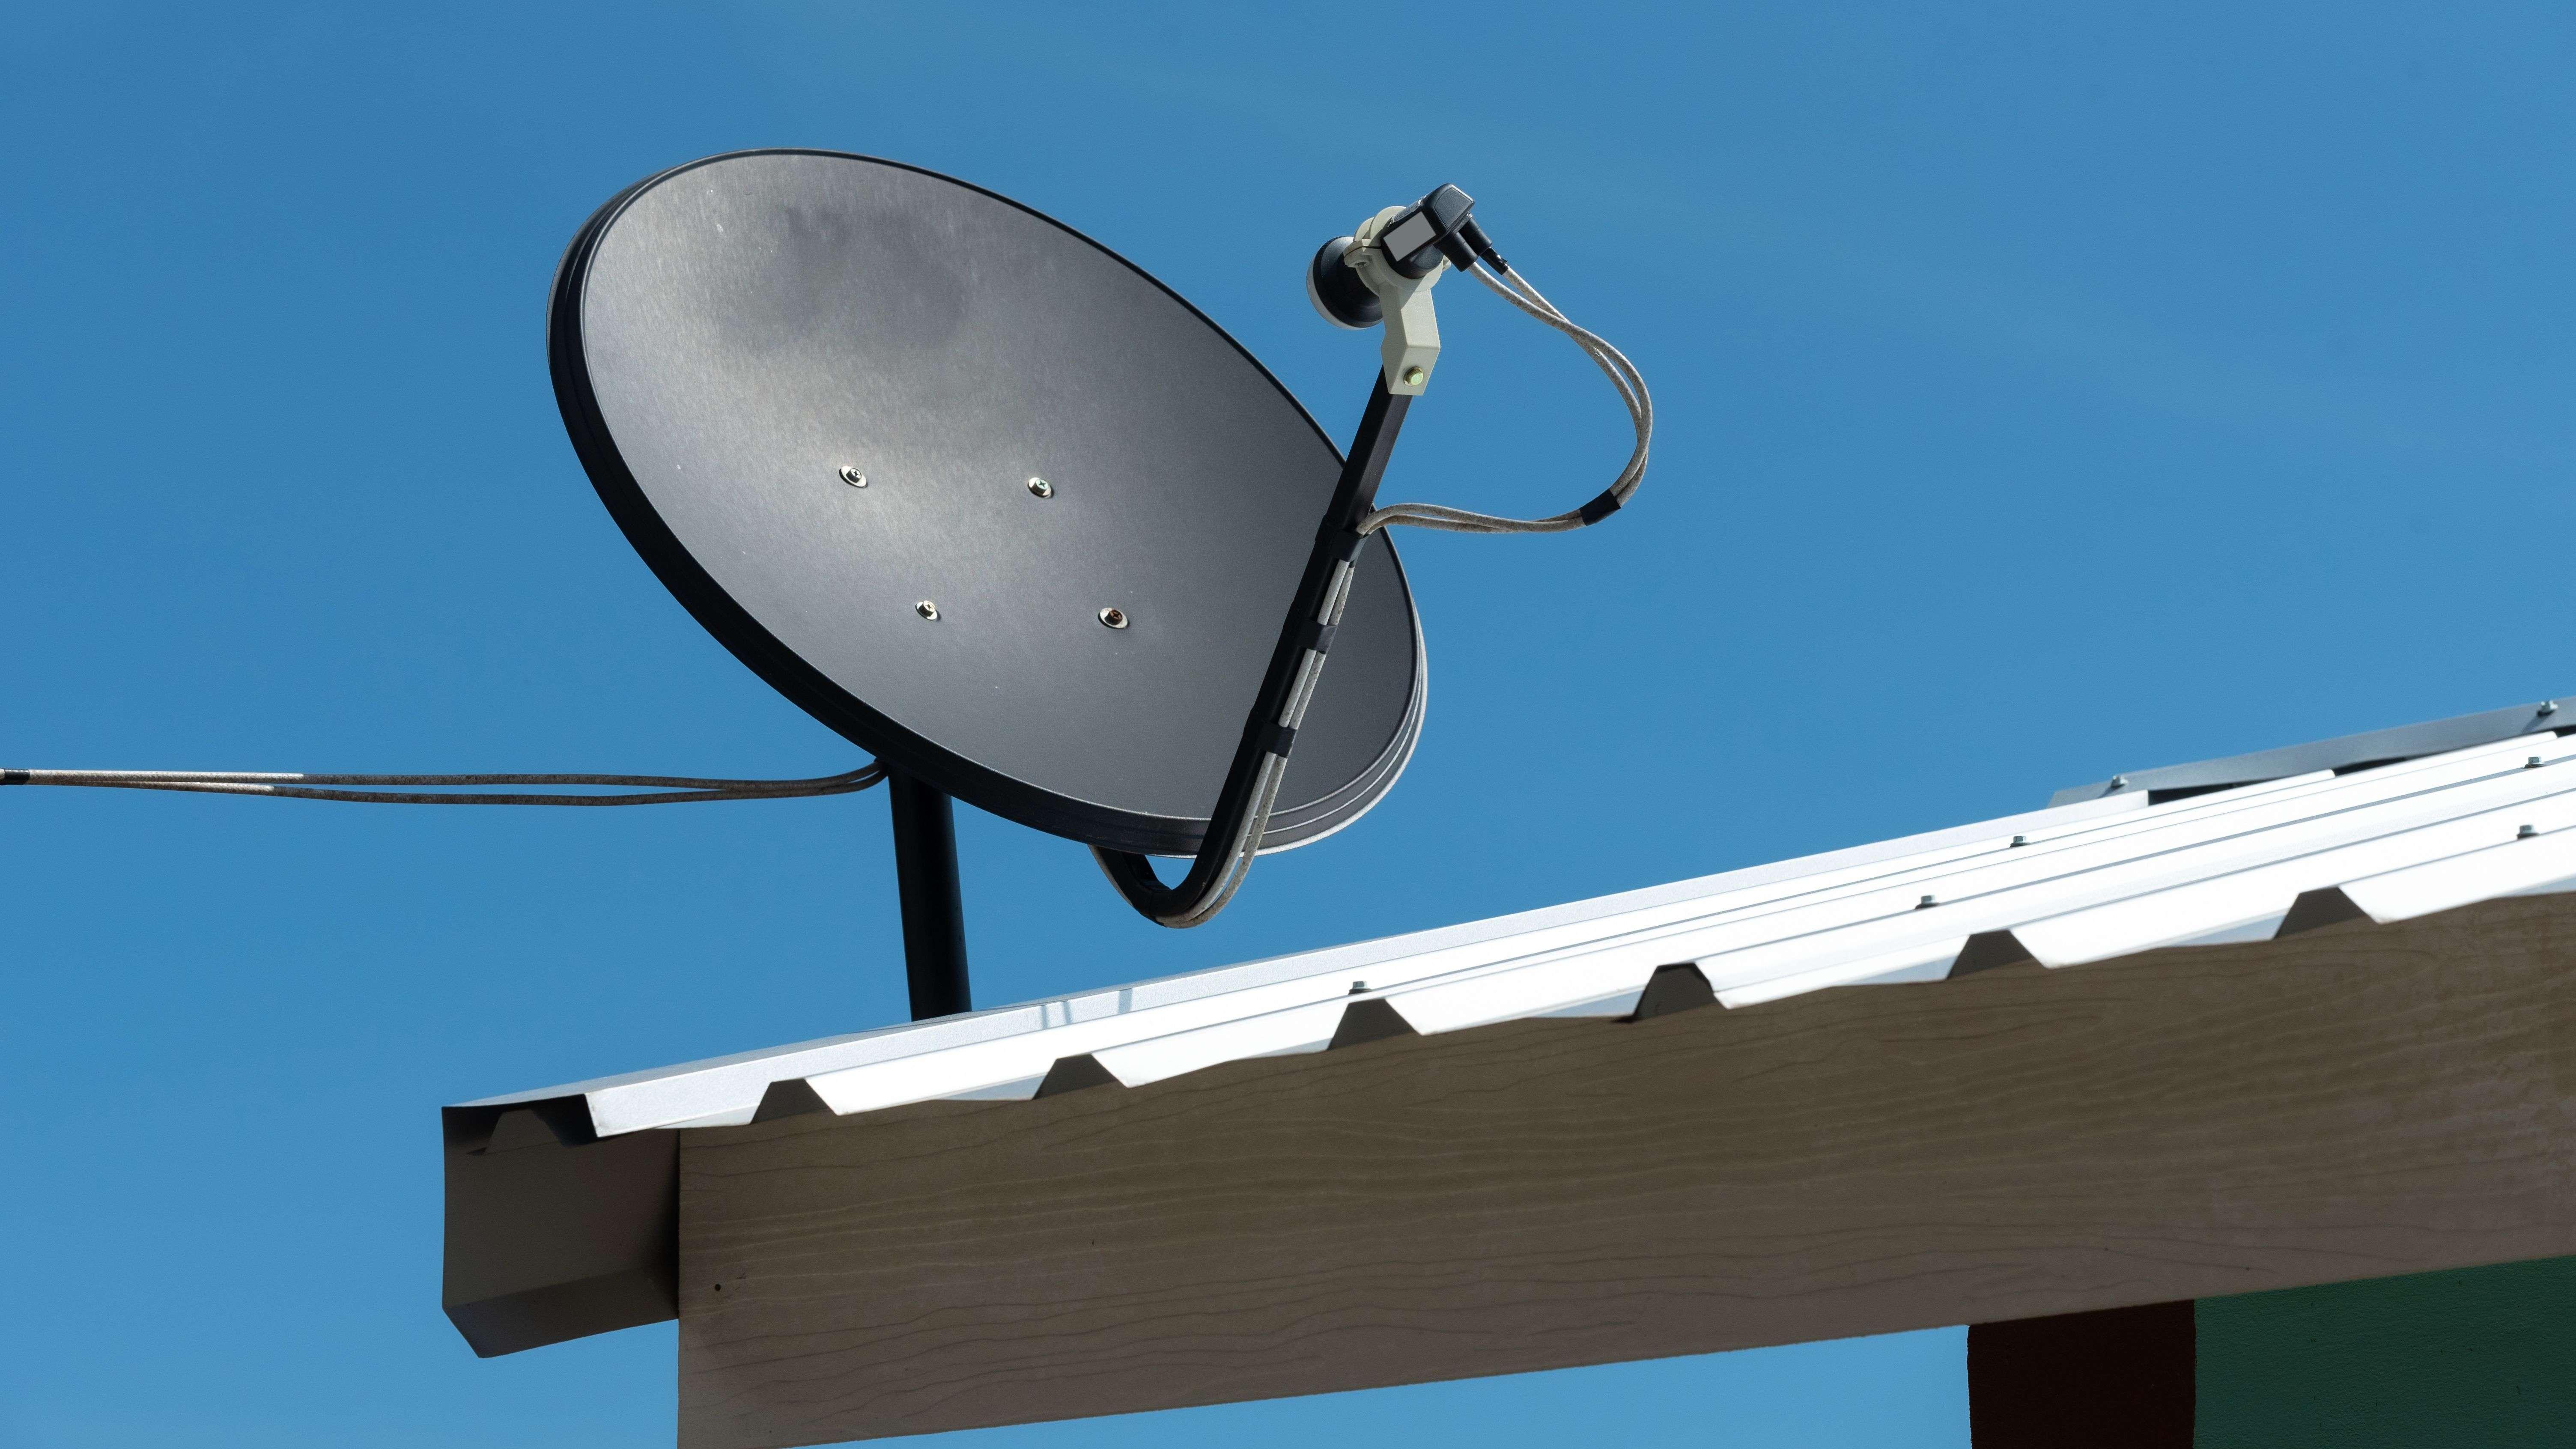 ¿Cómo instalar una antena parabólica?